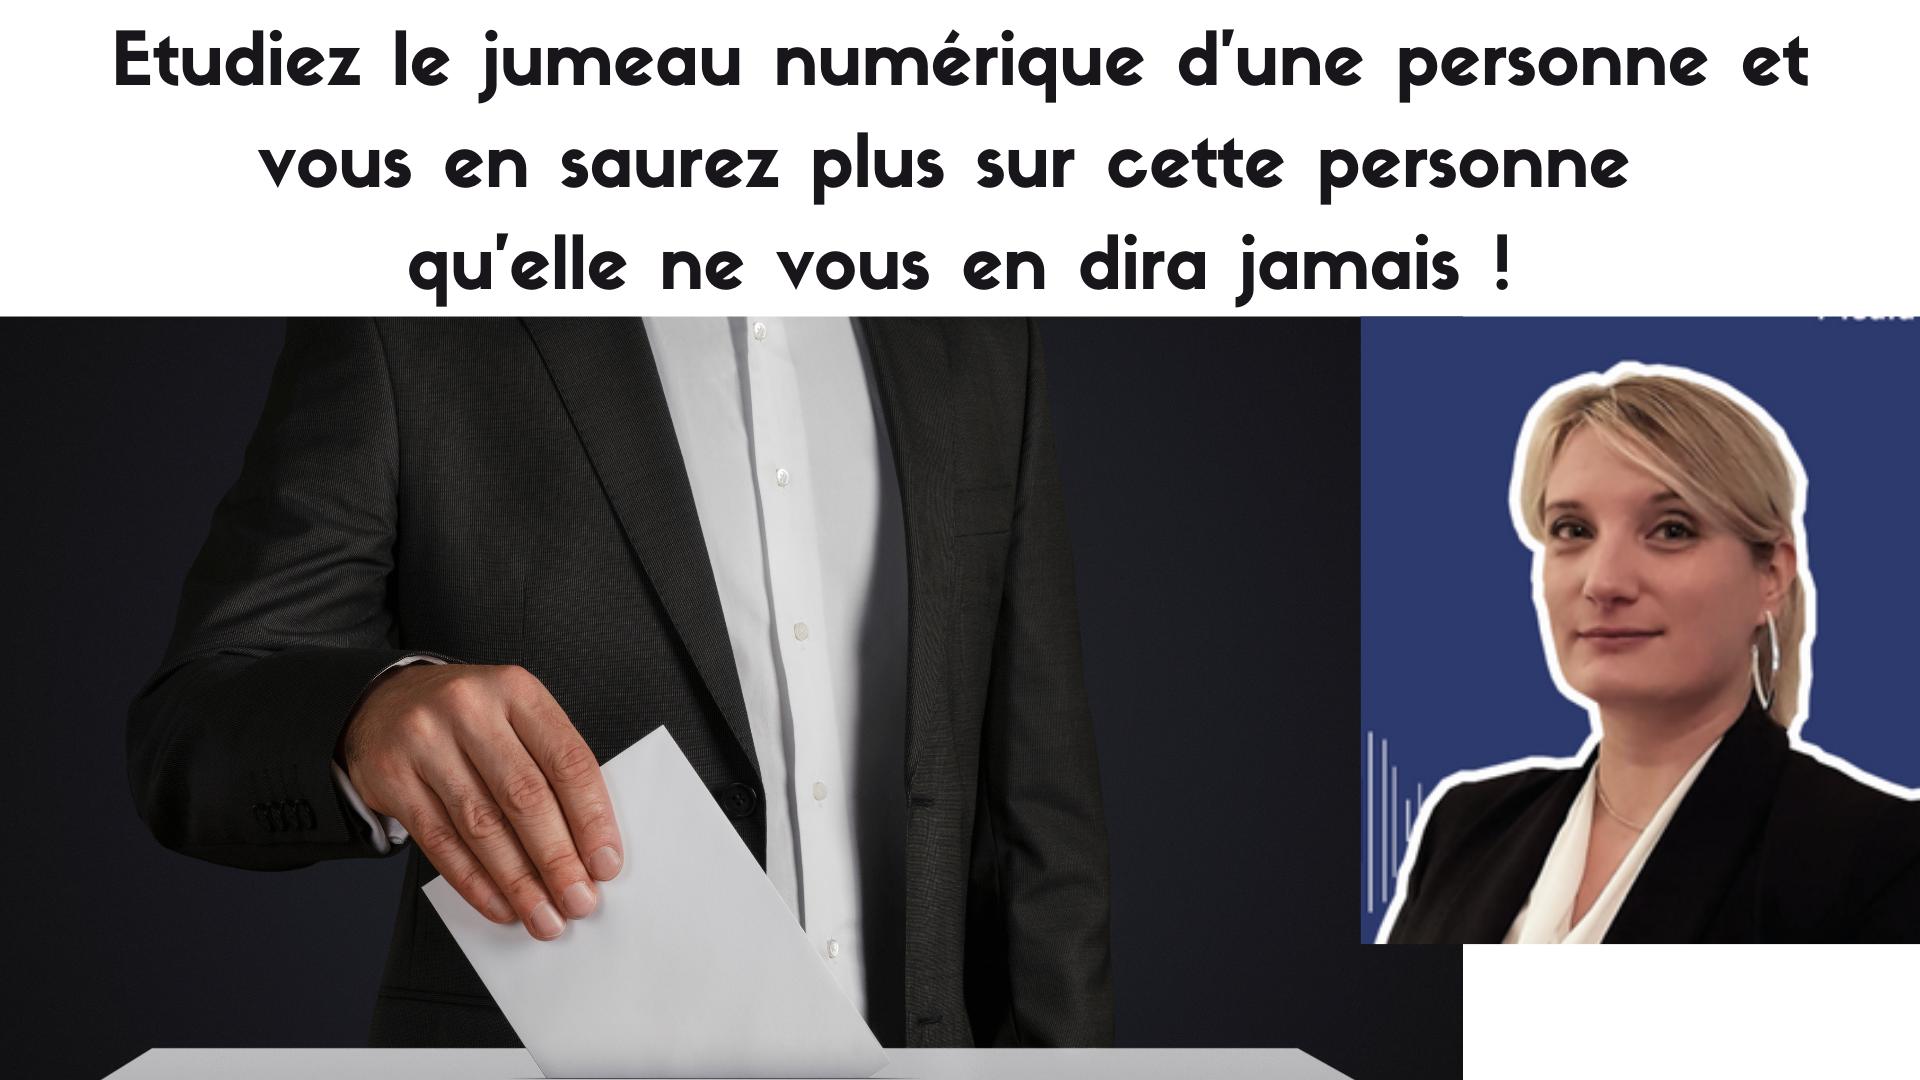 Candidat(e)s aux élections départementales et régionales : pourquoi devez-vous vous préoccuper des données des citoyen(ne)s ?